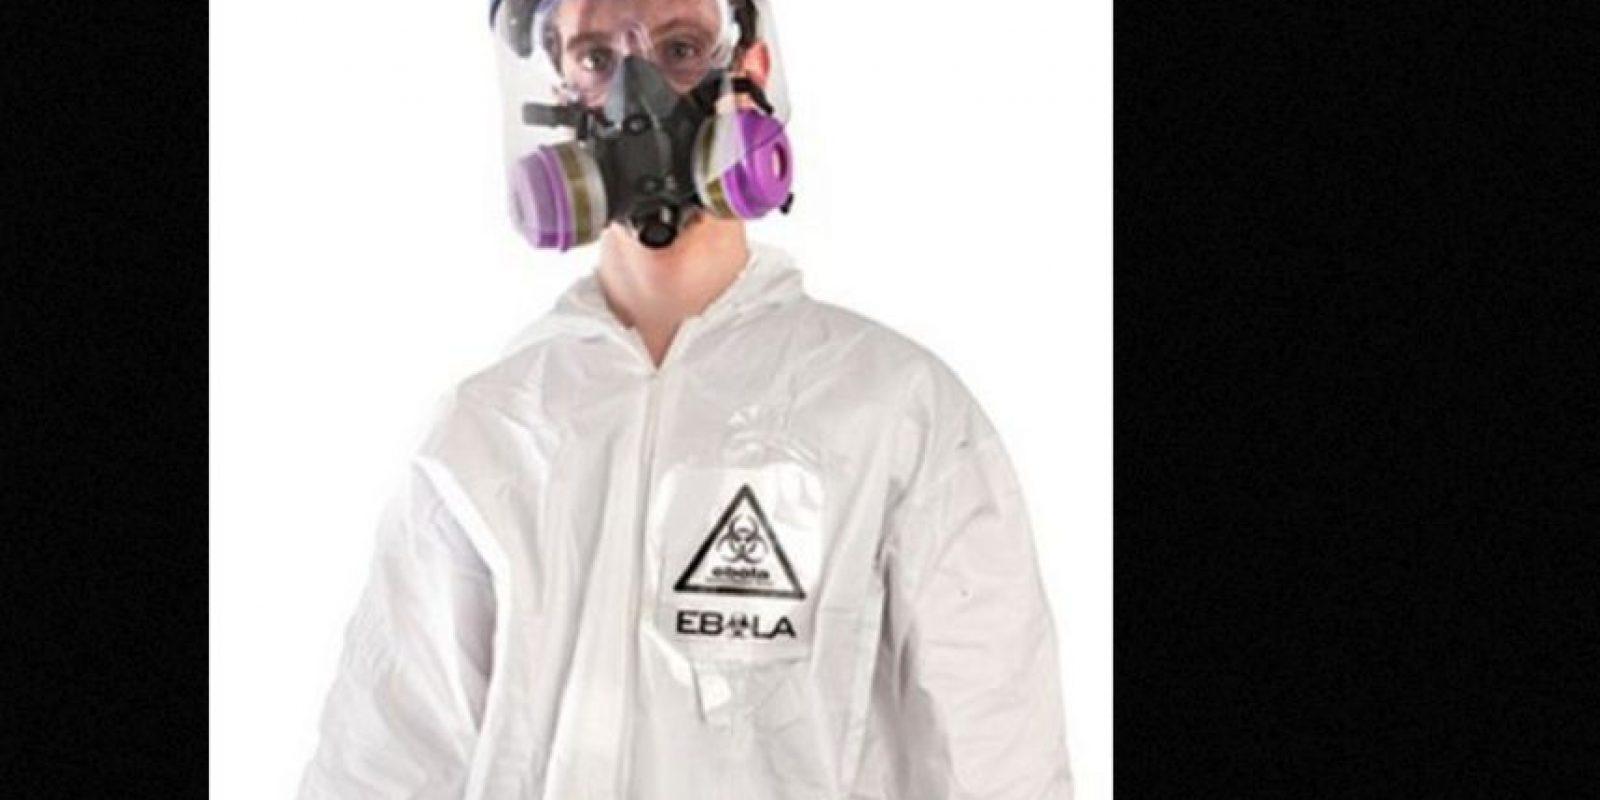 Hablando de ébola, ¿quién se quiere disfrazar? Foto:BrandSales